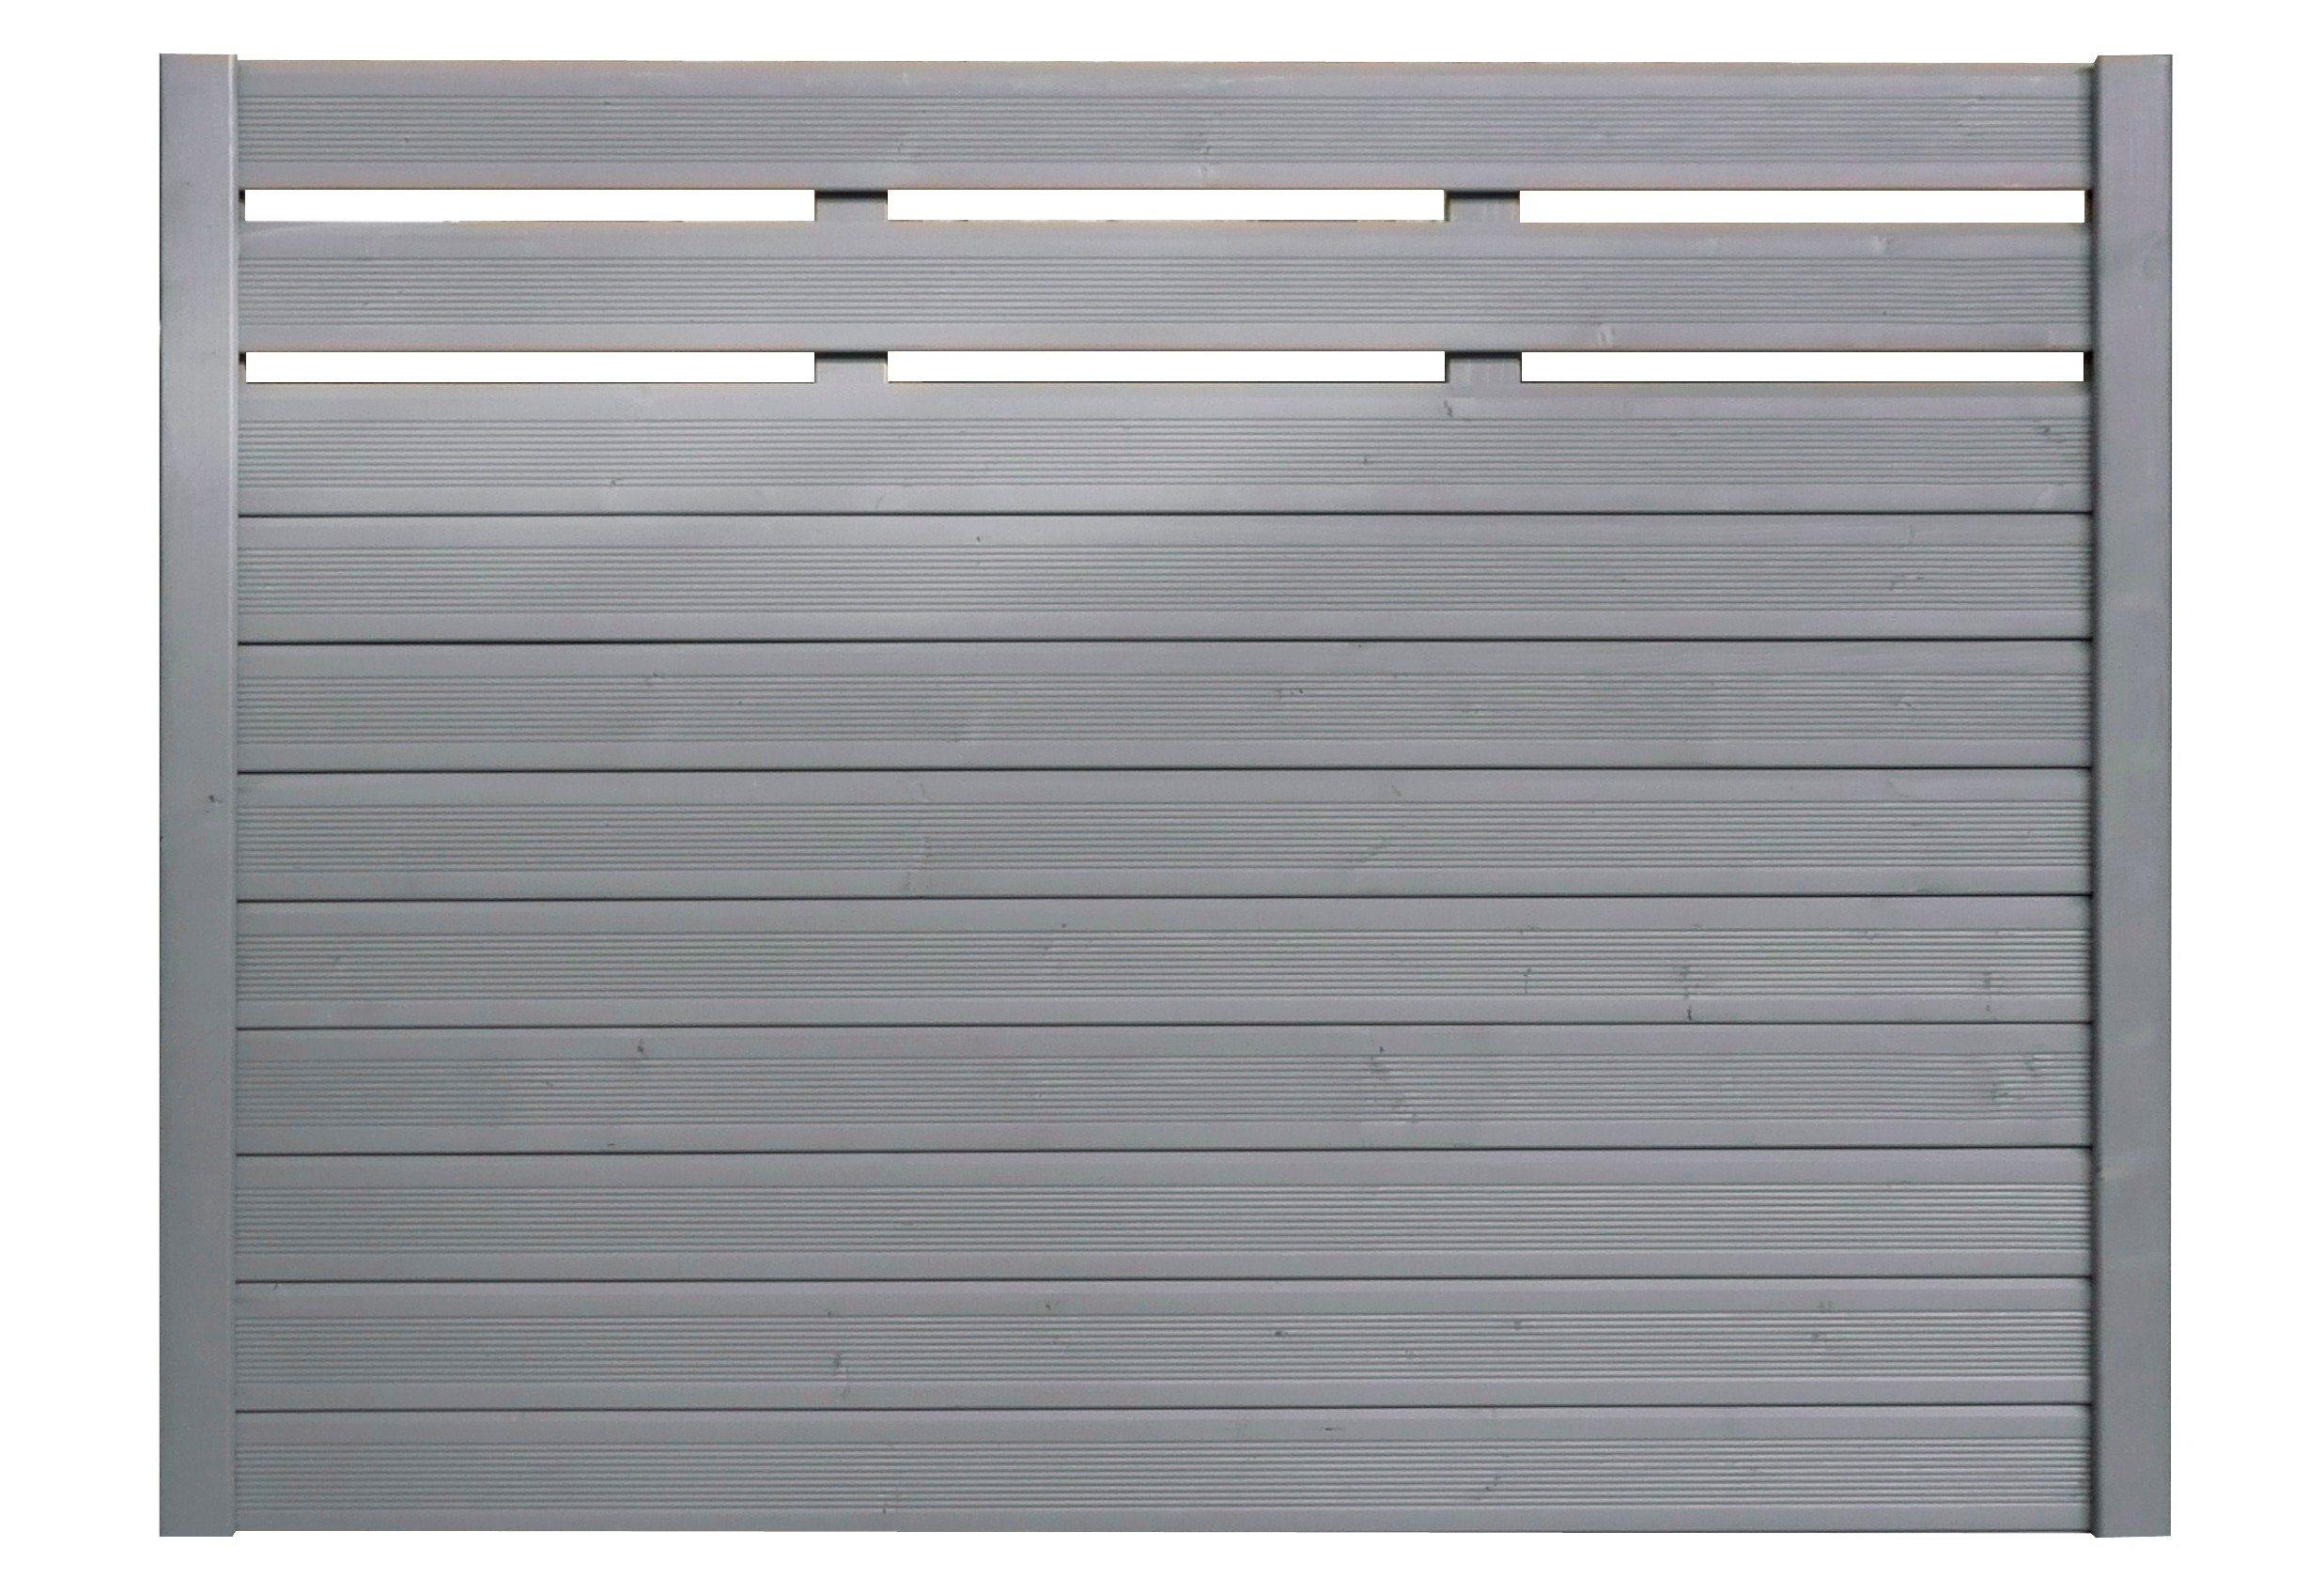 Bm Massivholz Sichtschutz Zaunelement silbergrau »EA5Y-F1X 4« (Höhe 135 cm) | Garten > Zäune und Sichtschutz | BM Massivholz